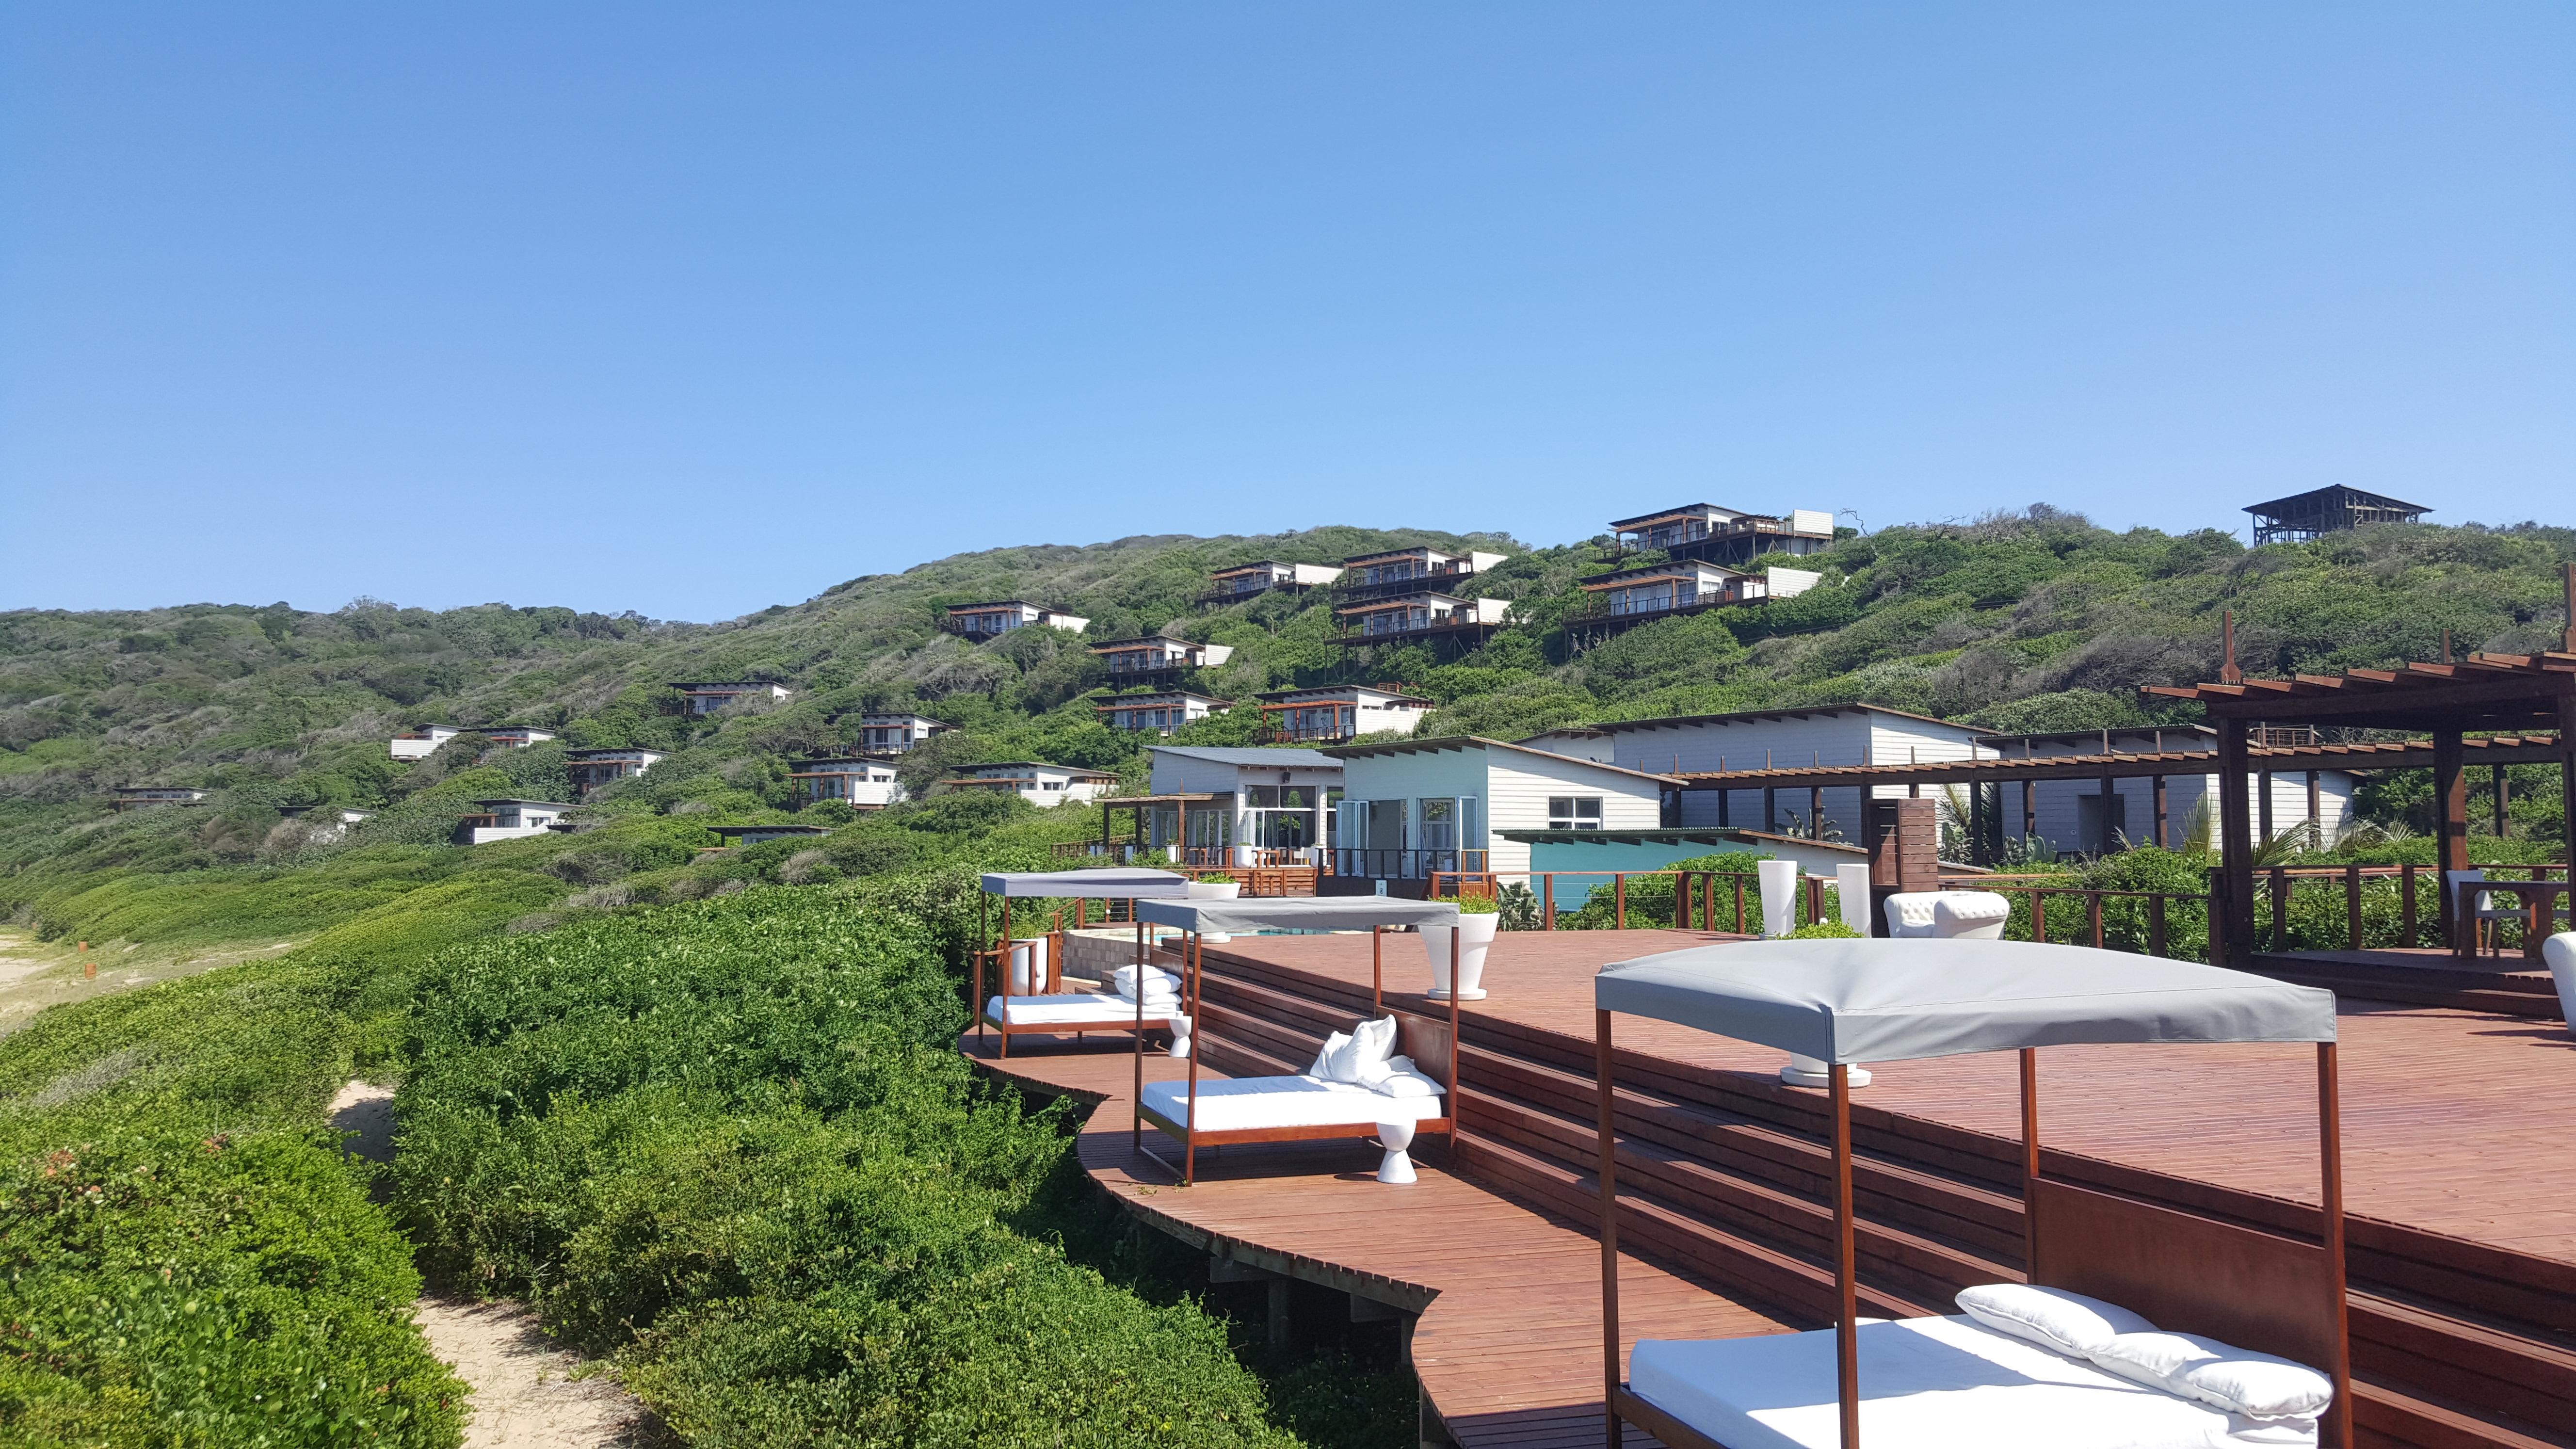 O hotel ocupa uma colina verde sem se destacar ostensivamente dela